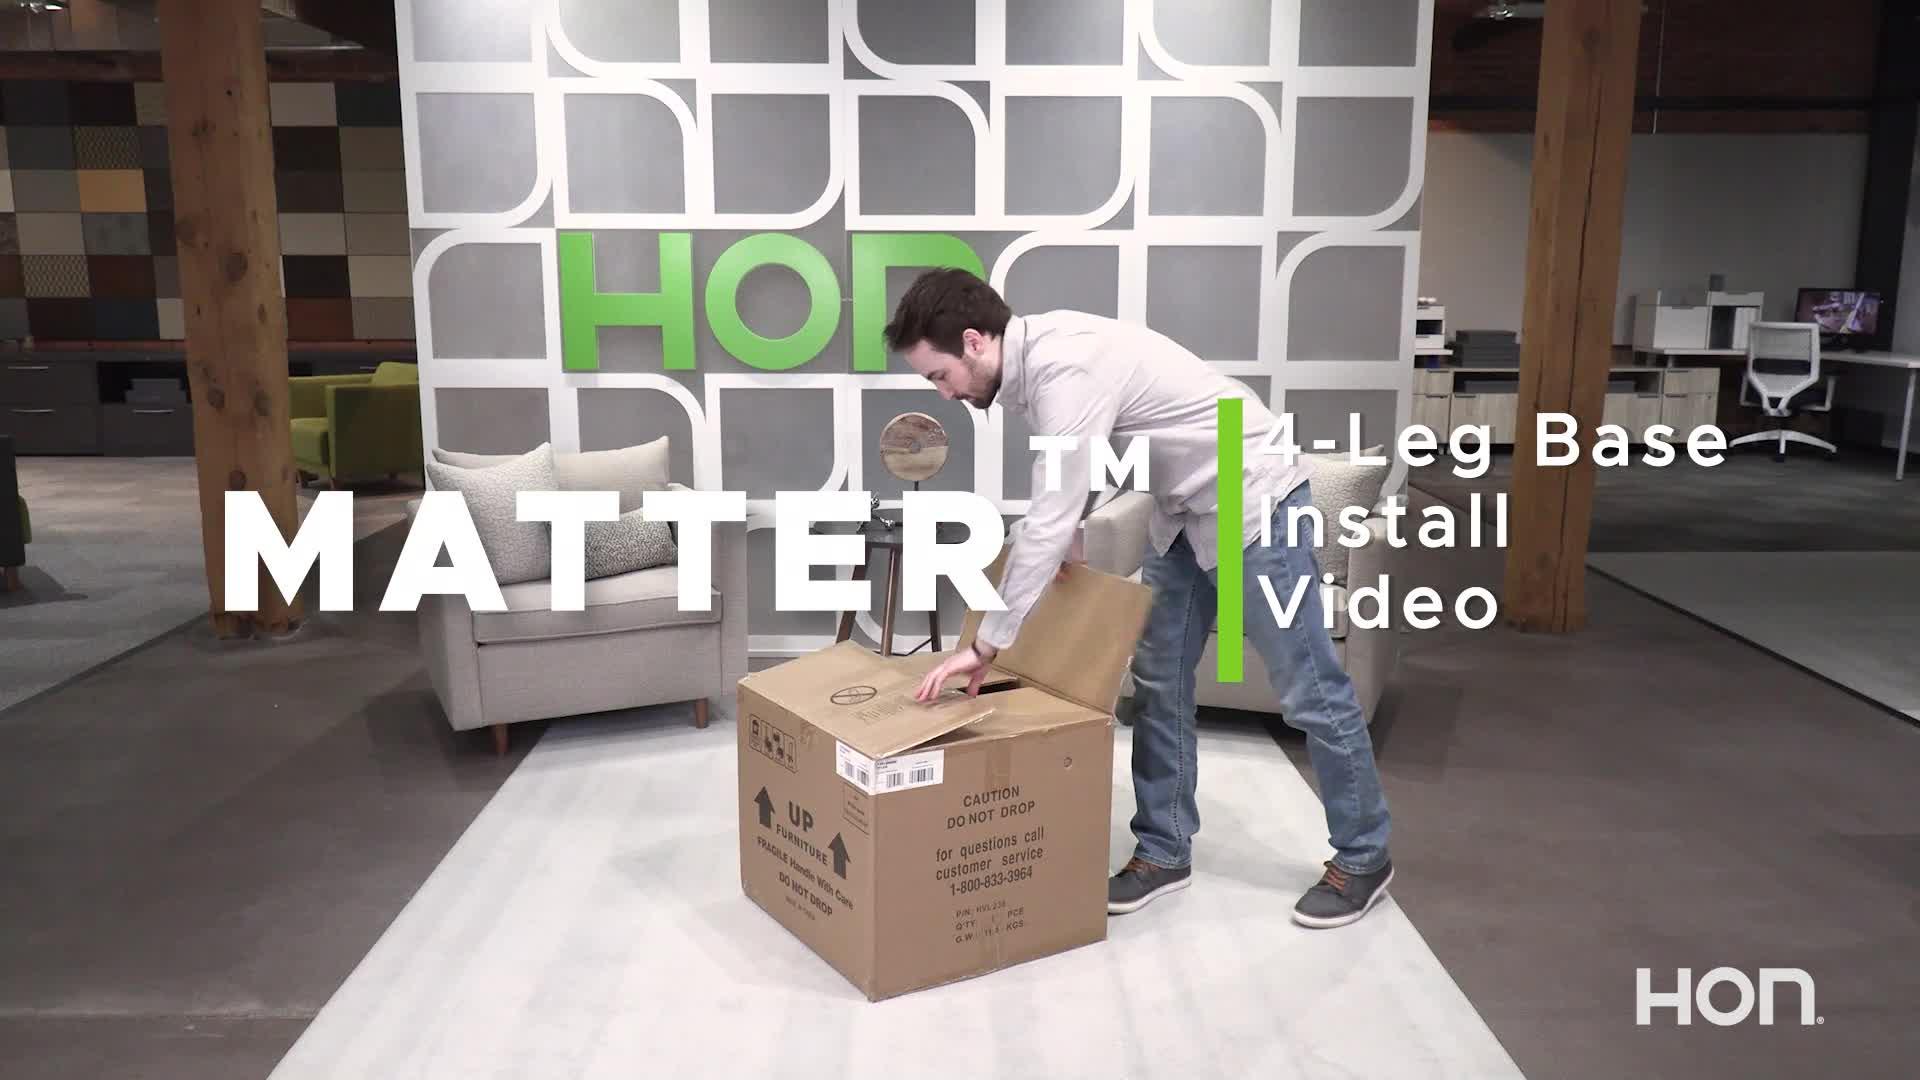 Matter 4 Leg Base Installation video link